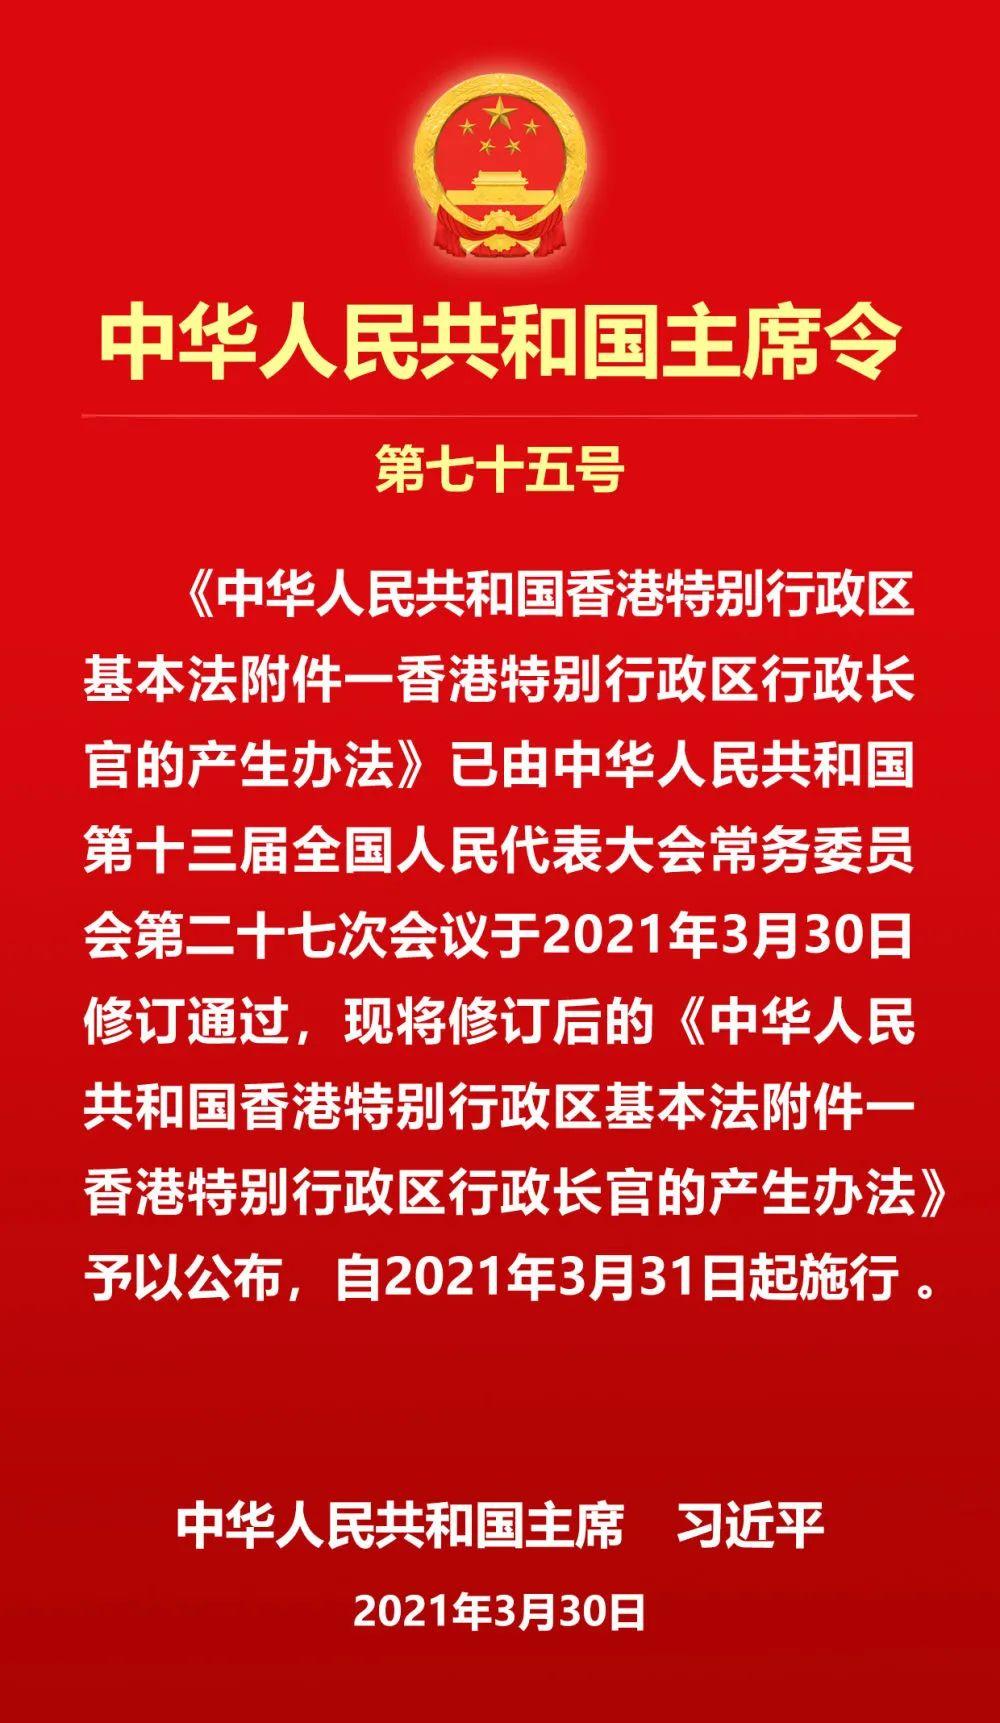 中华人民共和国主席令(第七十五号、第七十六号)图片